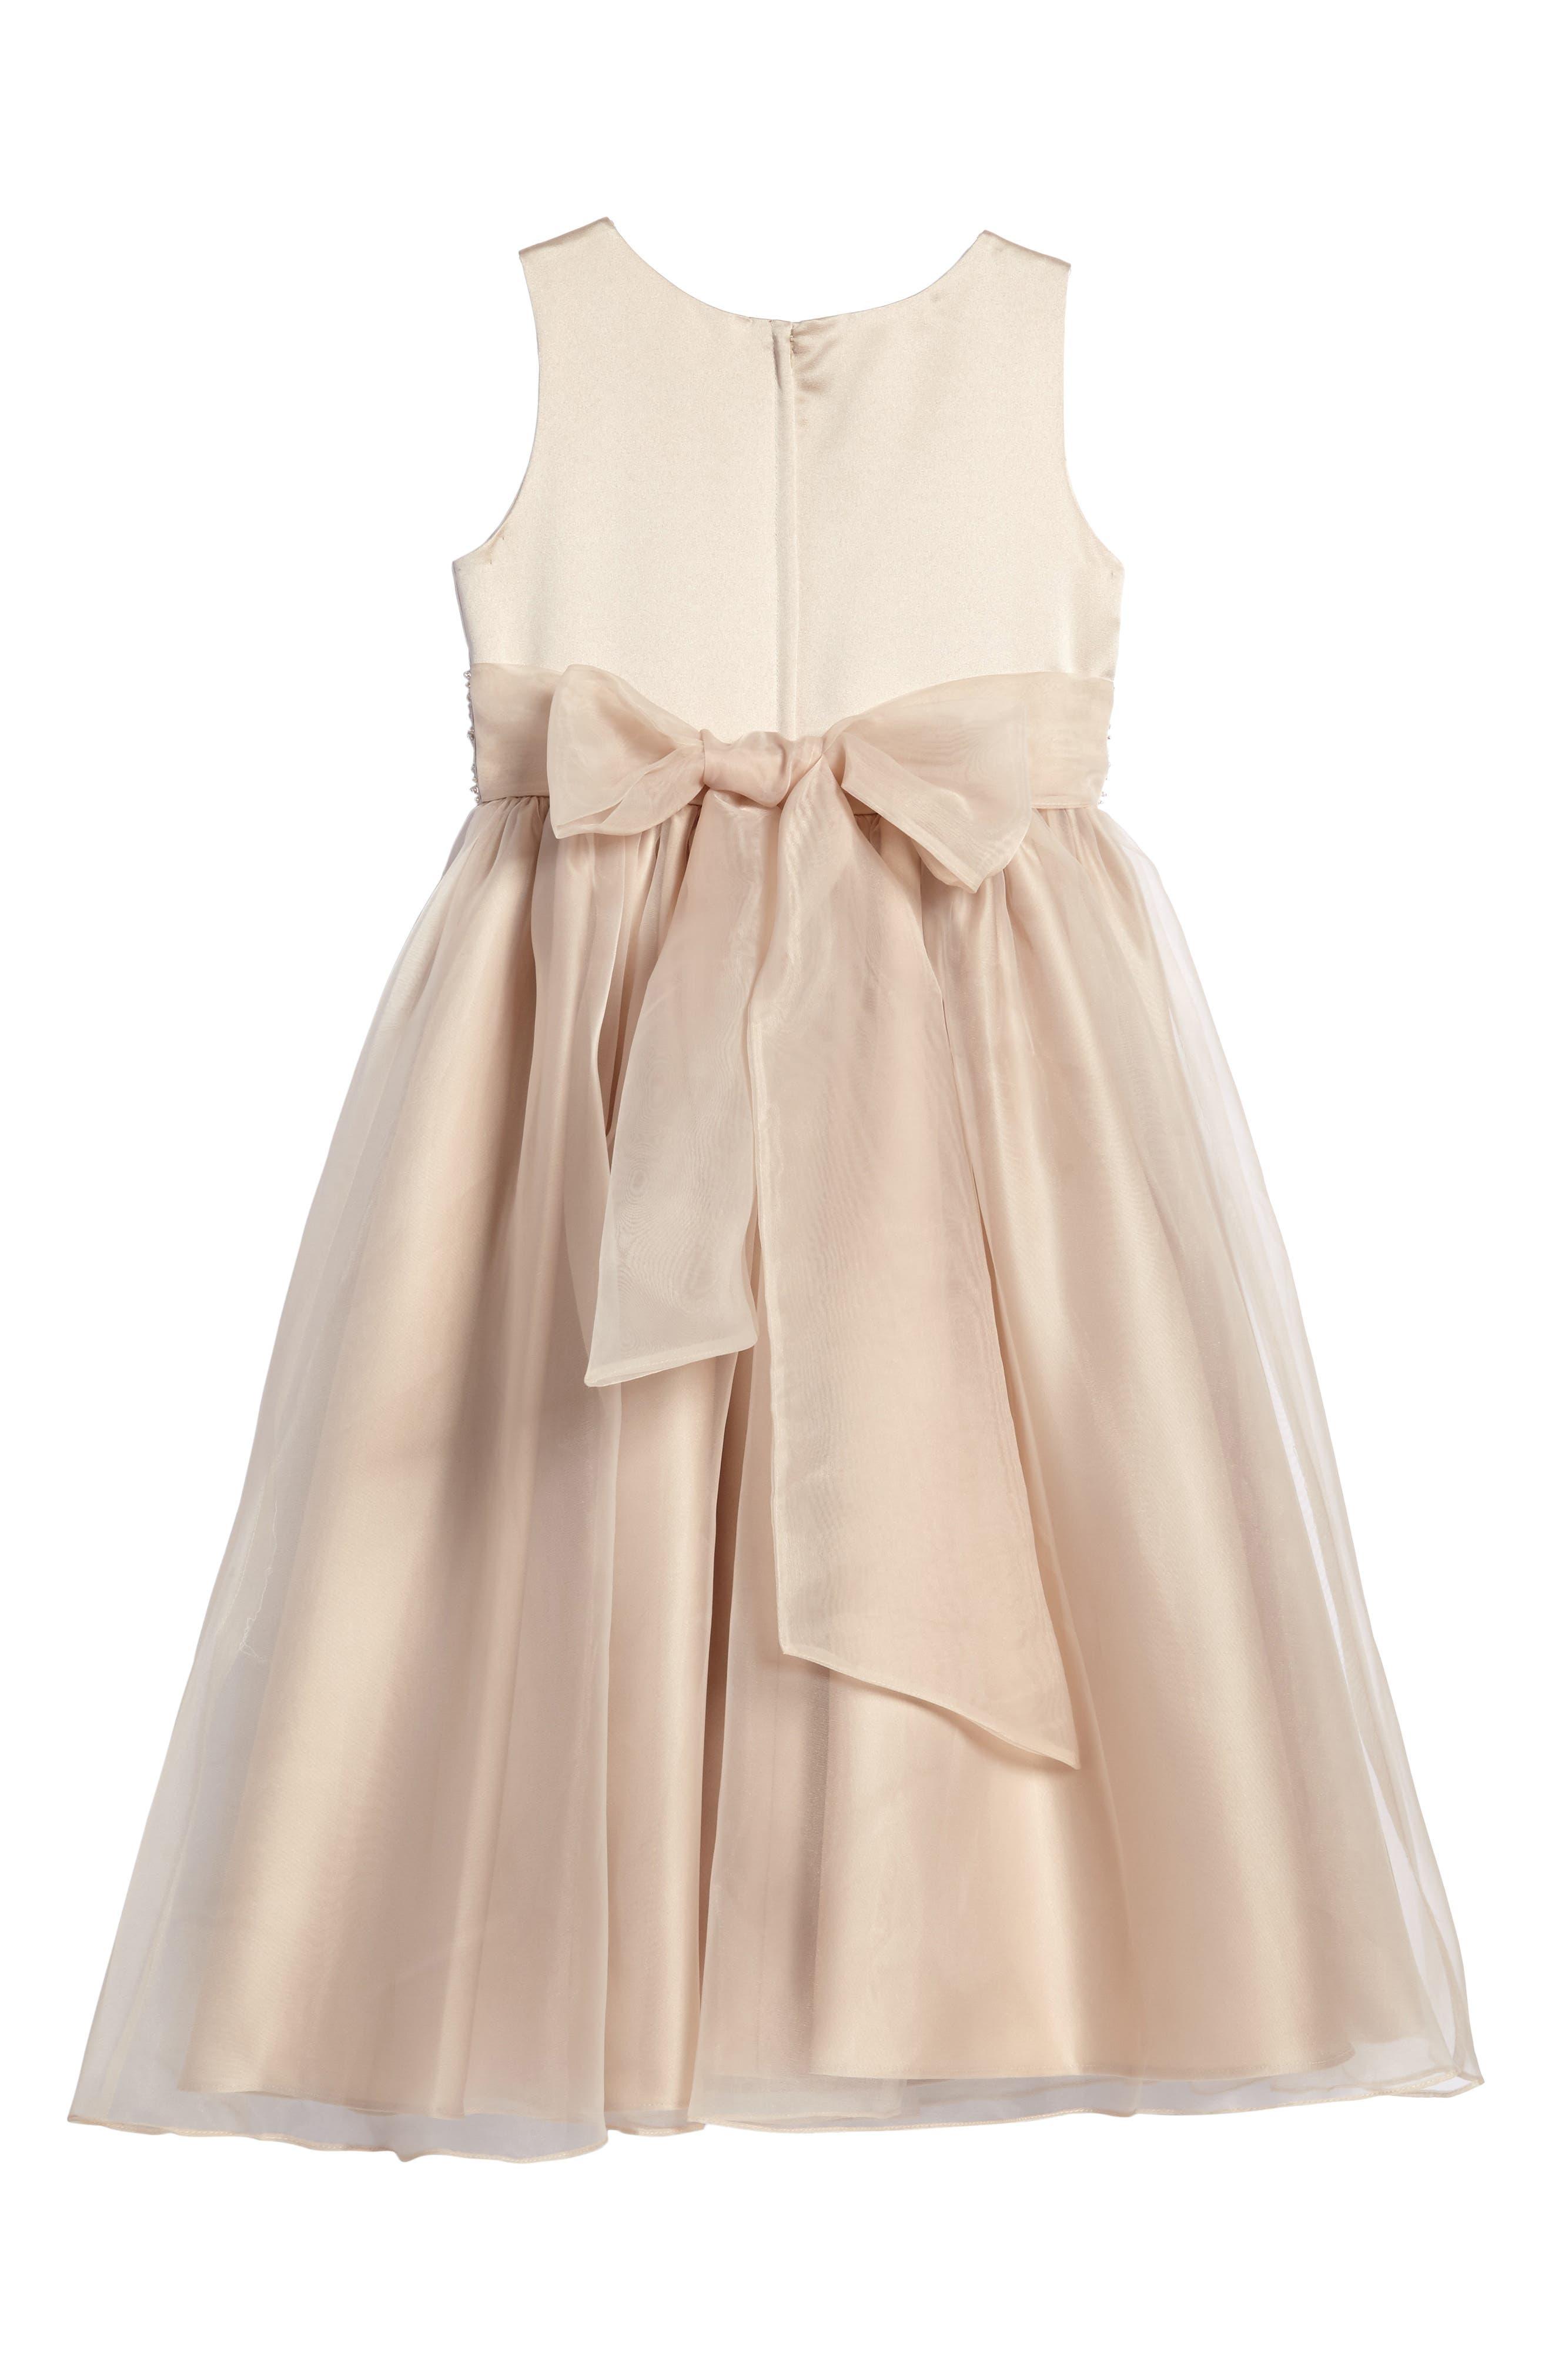 Beaded Satin Sleeveless Dress,                             Alternate thumbnail 3, color,                             CHAMPAGNE